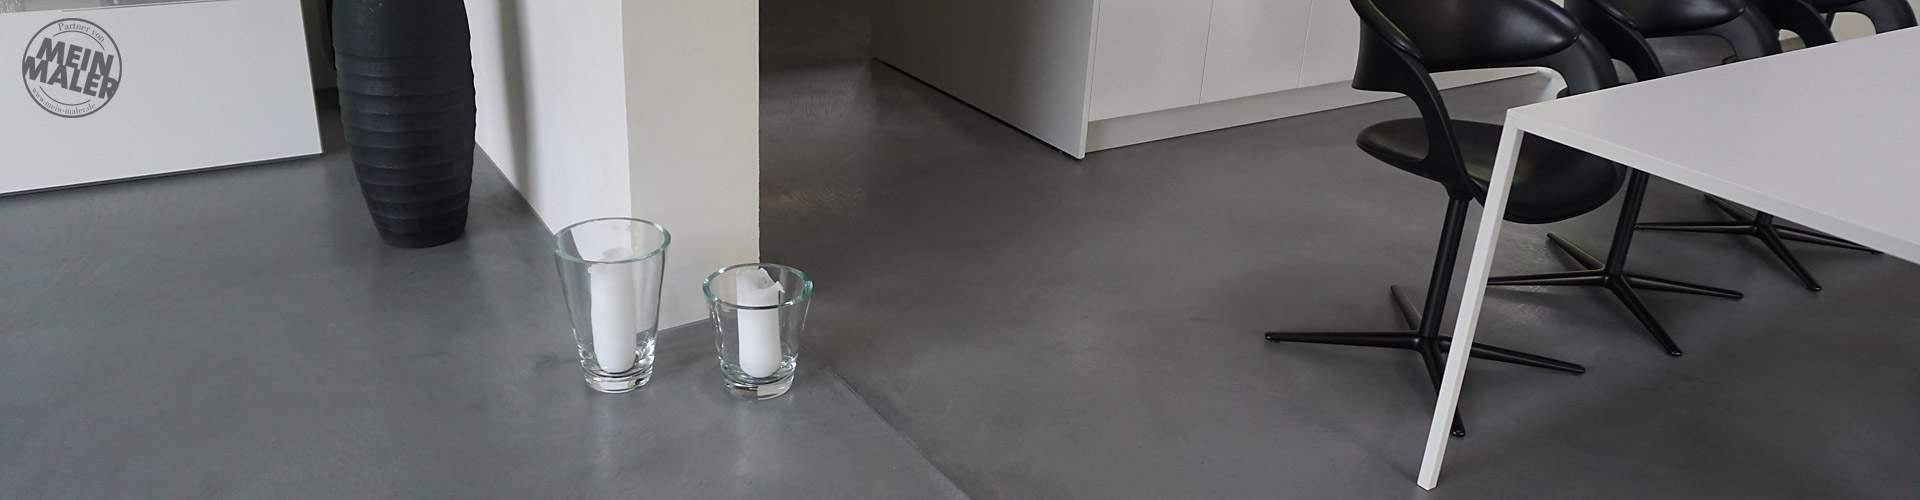 Edingen Neckarhausen Exclusives Wohnhaus Fugenloser Boden Kalkputz Pastellone s1